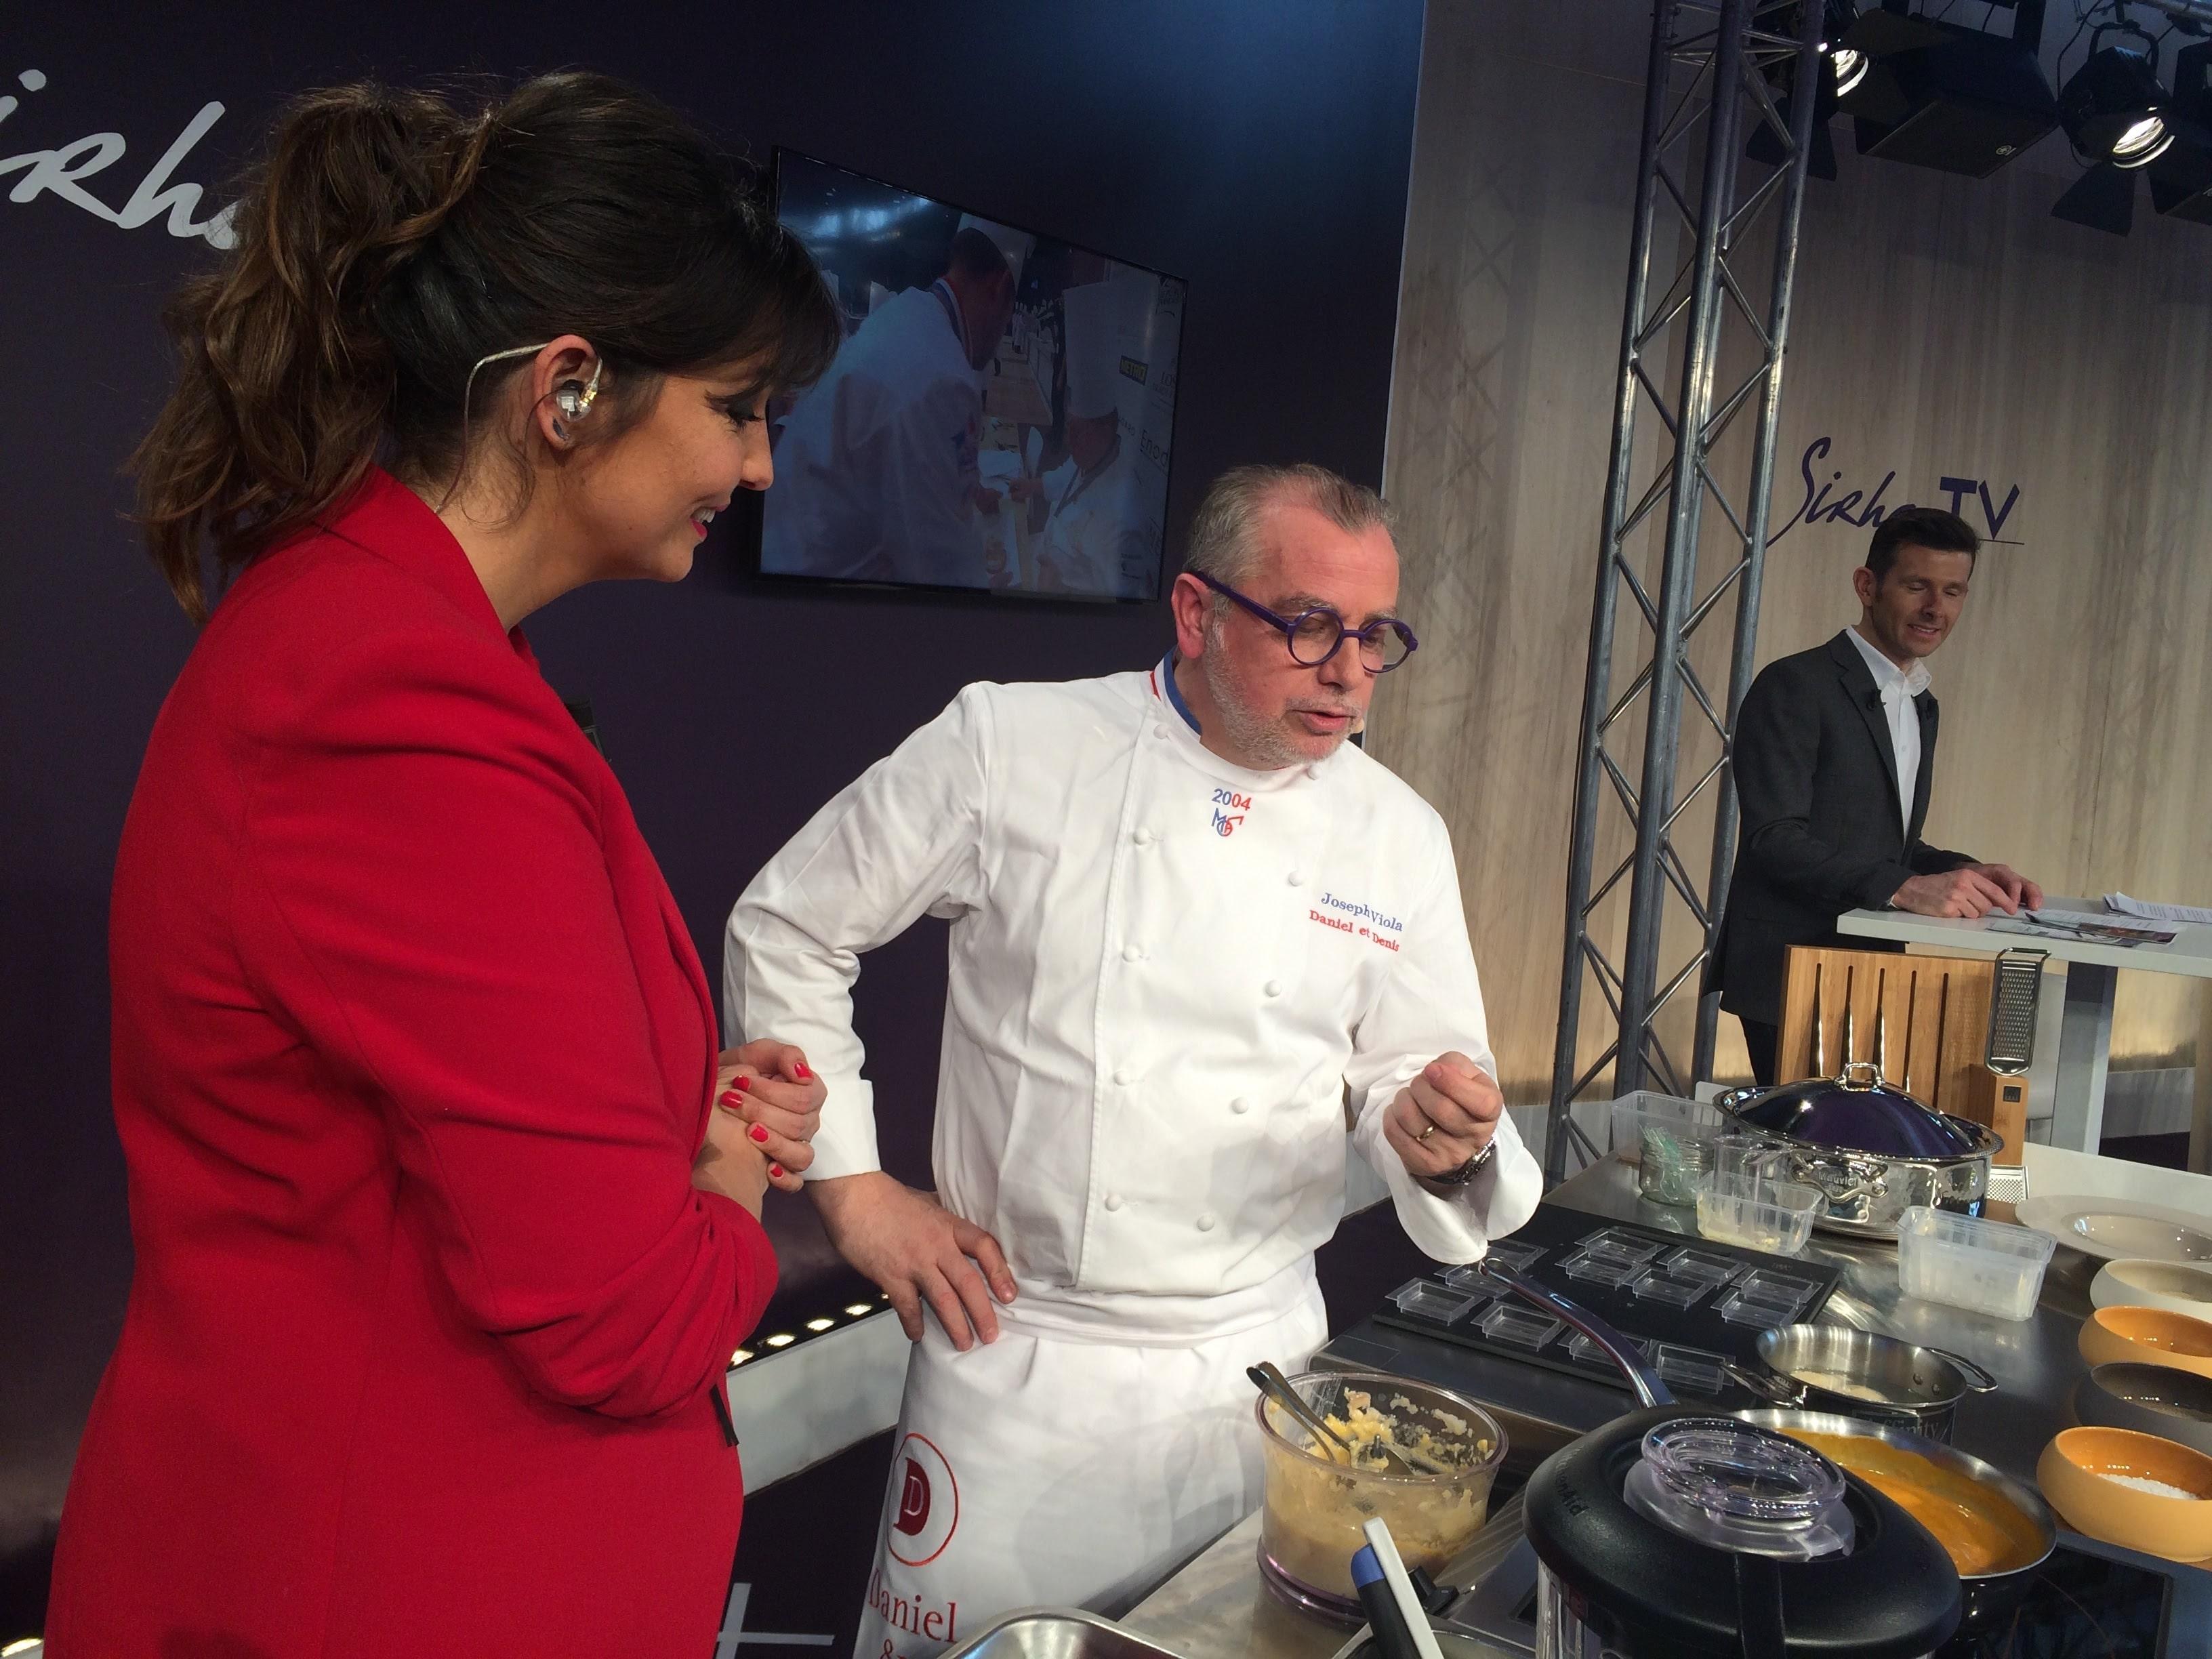 Visite du sirha le 21 janvier 2017 - Recette cuisine telematin carinne teyssandier ...